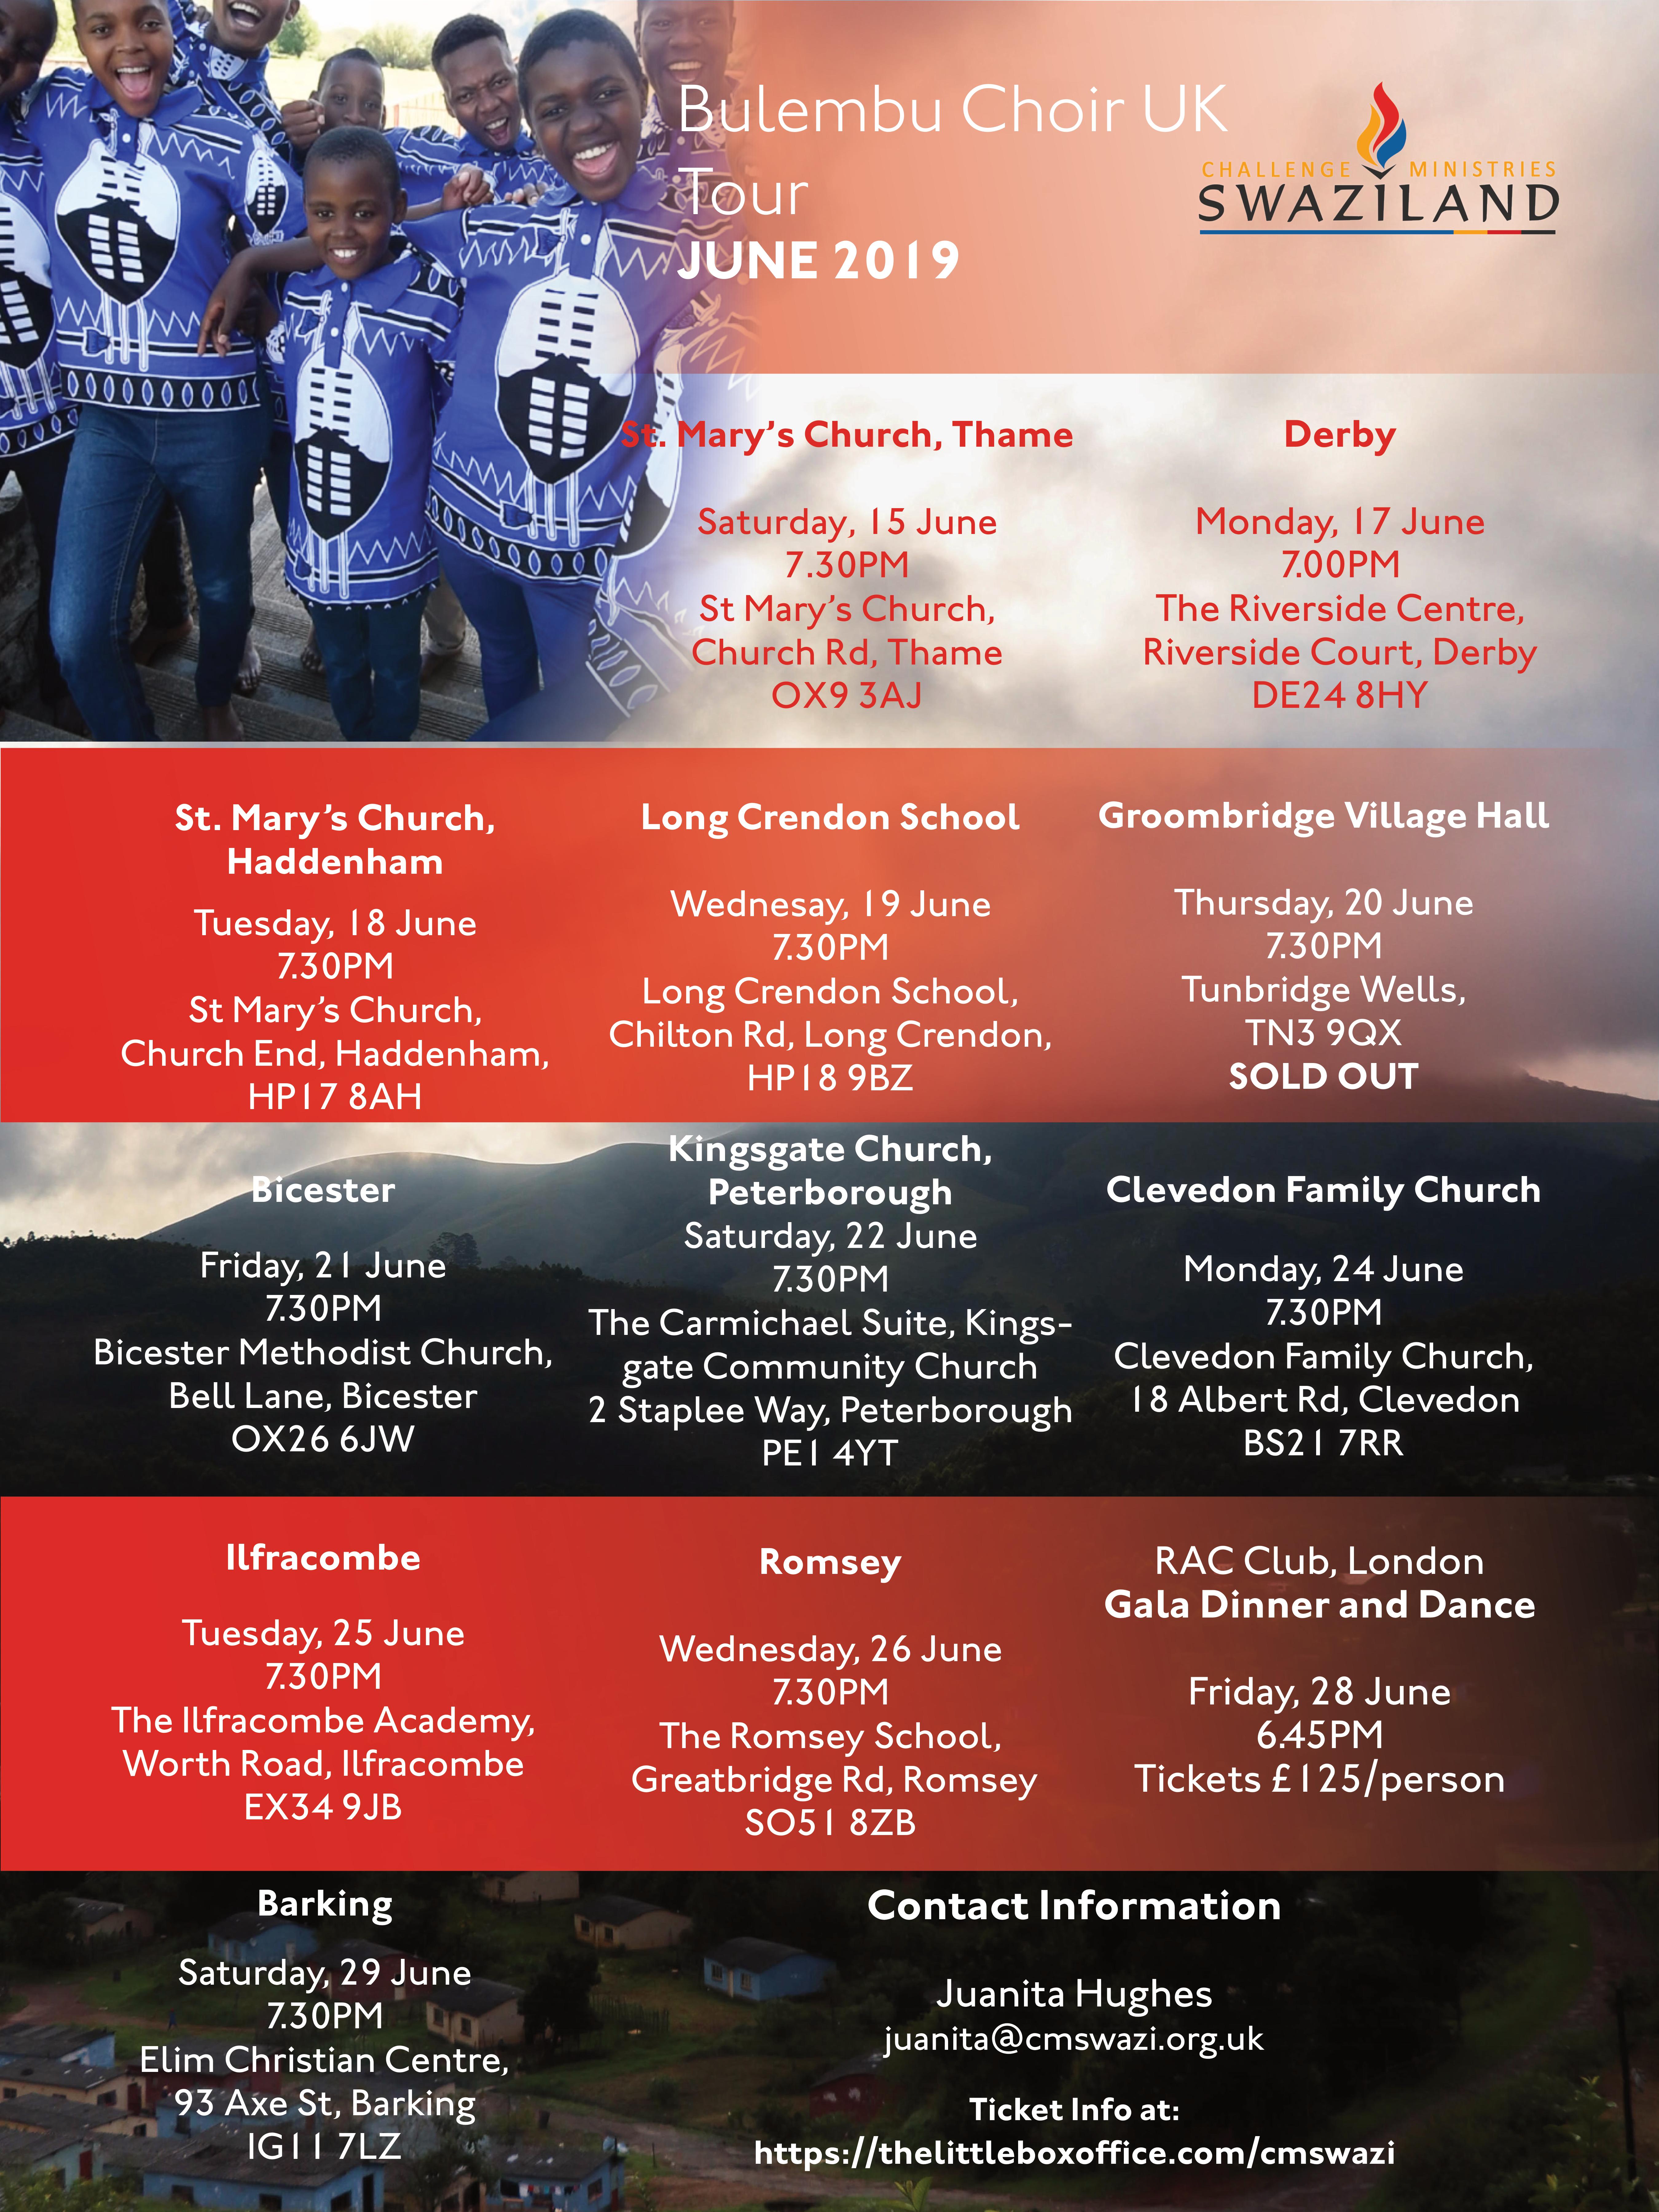 The Choir Tour 2019